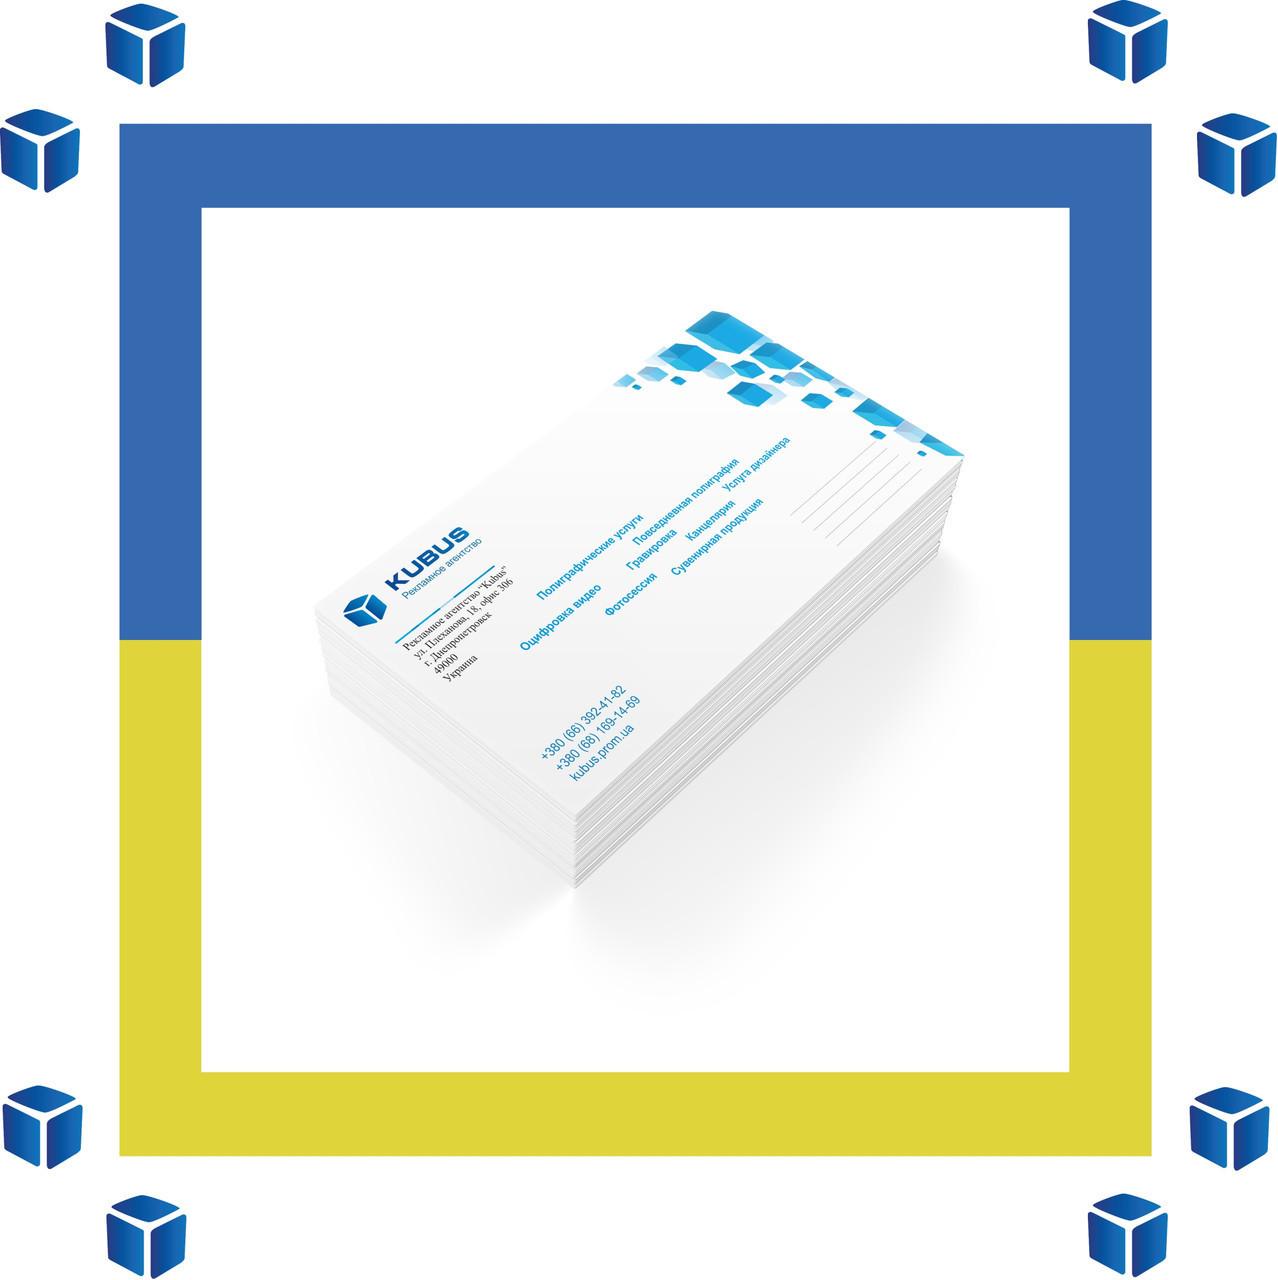 Печать на конвертах формата ТВ4 1+0 (черно-белые односторонние) Онлайн